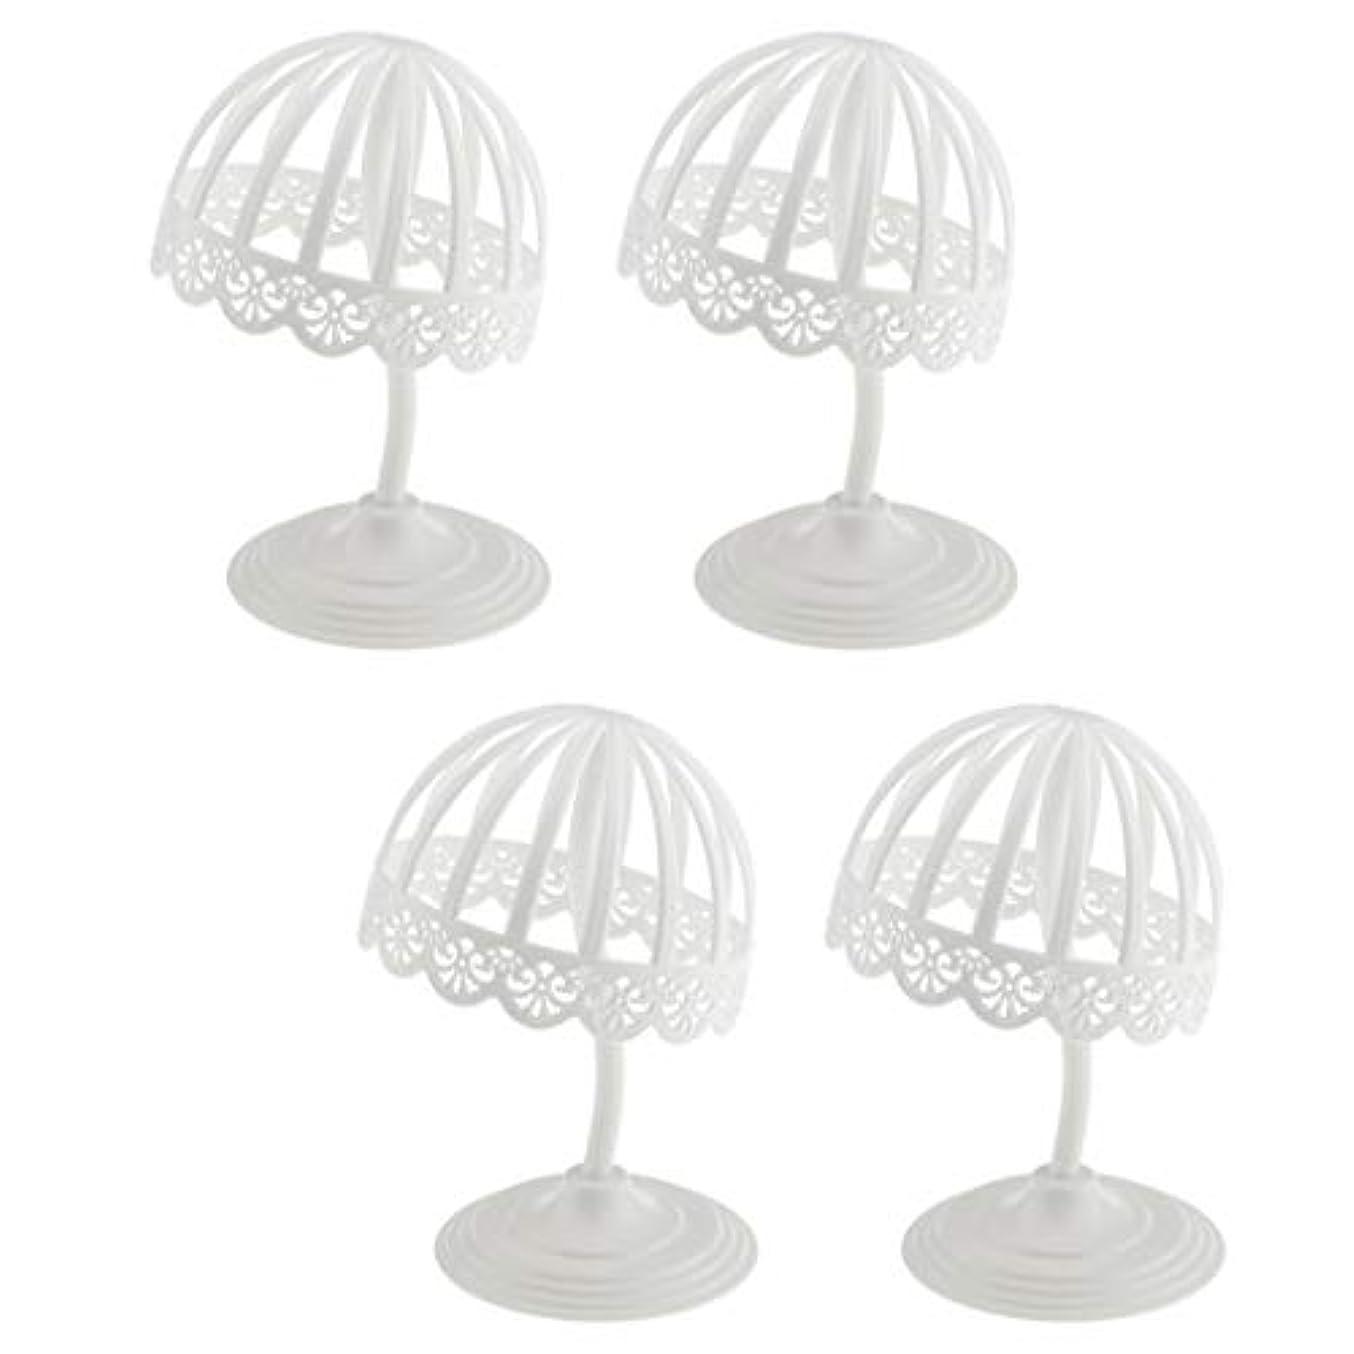 達成可能フレームワーク現実SM SunniMix ウィッグ スタンド 帽子 収納 ディスプレイ 4個セット プラスチック製 ホワイト